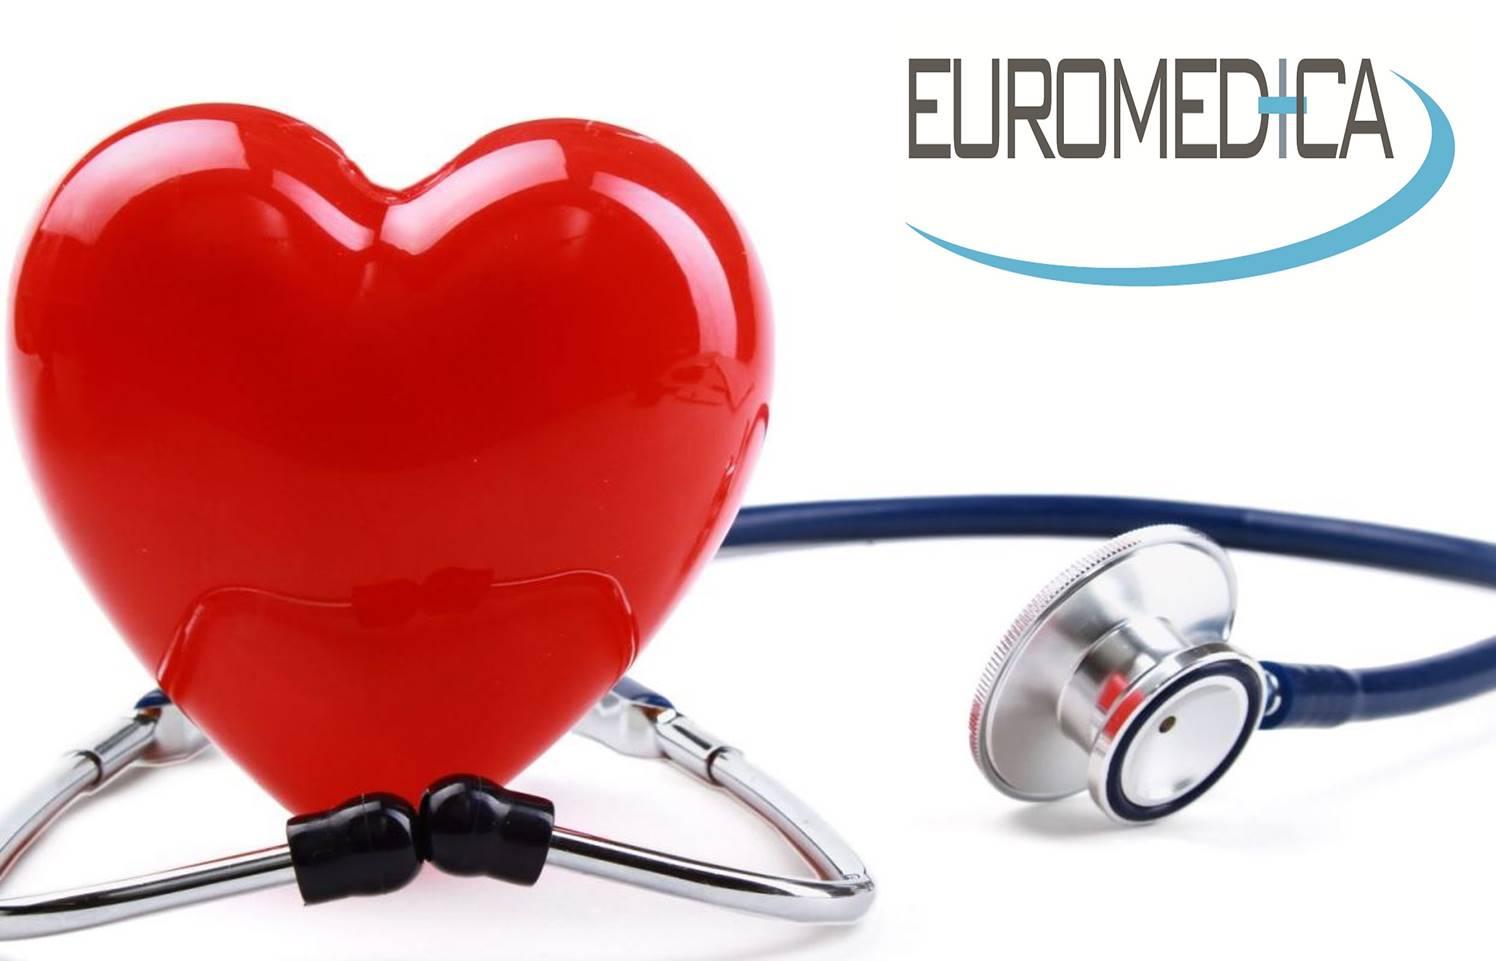 40€ από 115€ για πλήρη καρδιολογικό έλεγχο (Ηλεκτροκαρδιογράφημα, Τρίπλεξ καρδίας, εξέταση από καρδιολόγο) στην EUROMEDICA